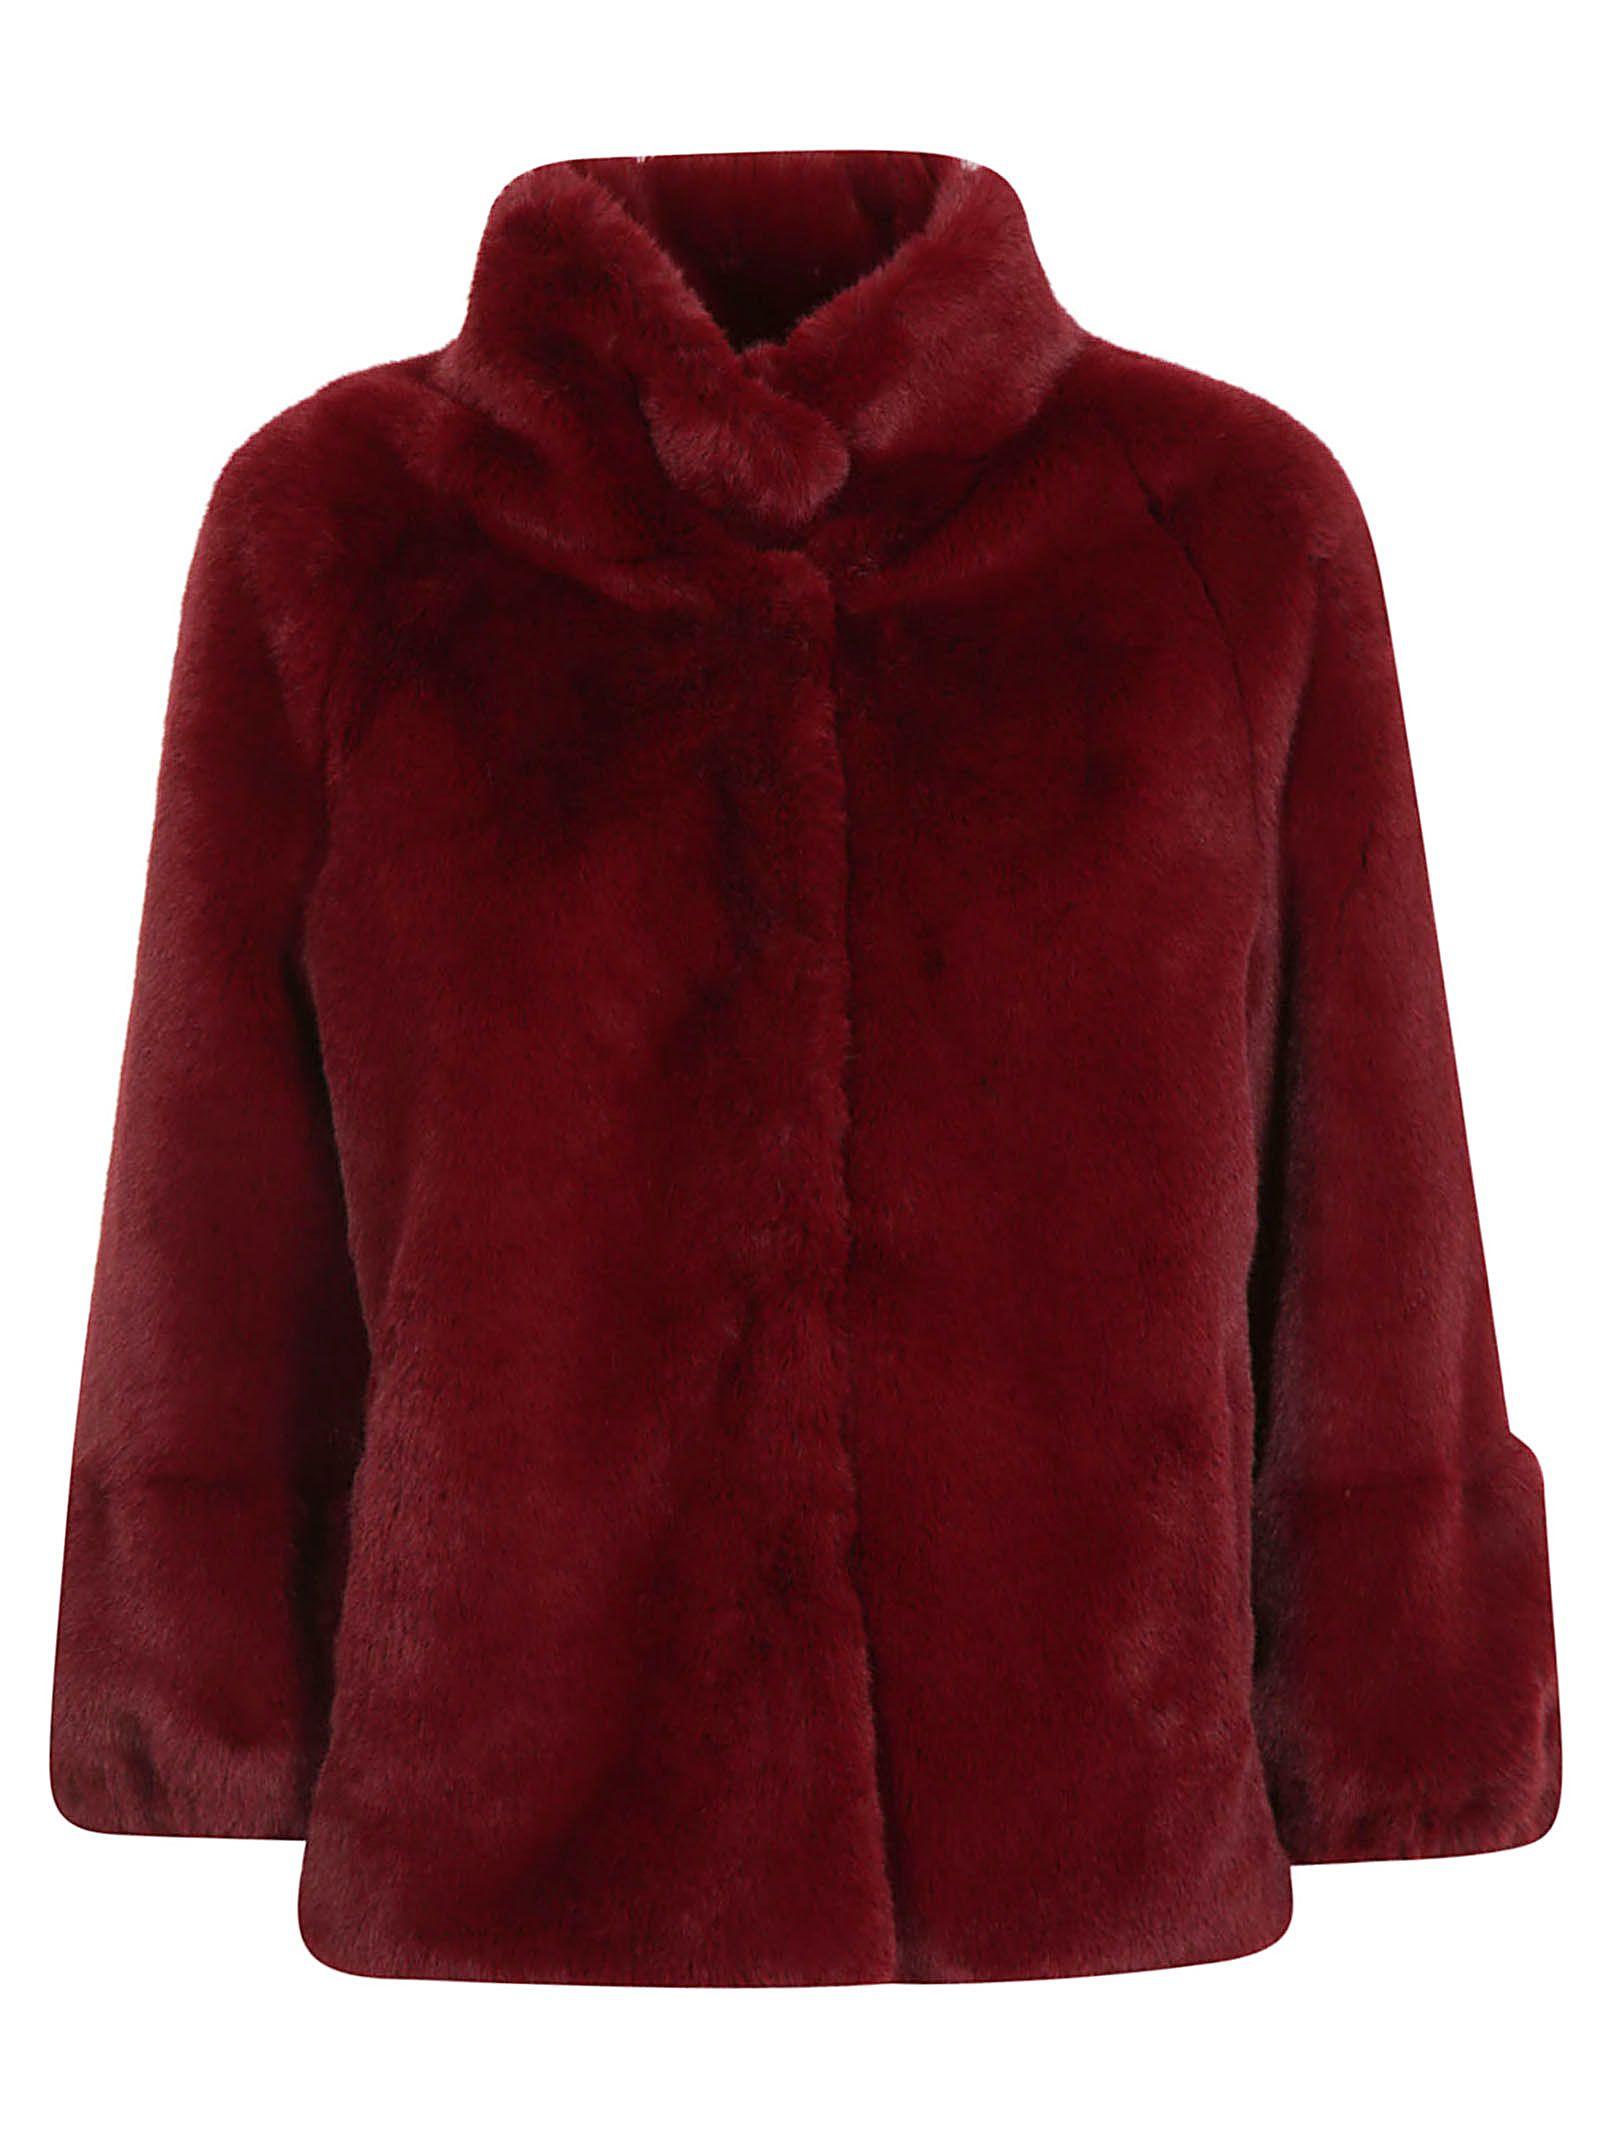 BETTA CORRADI Fur Jacket in Bordeaux